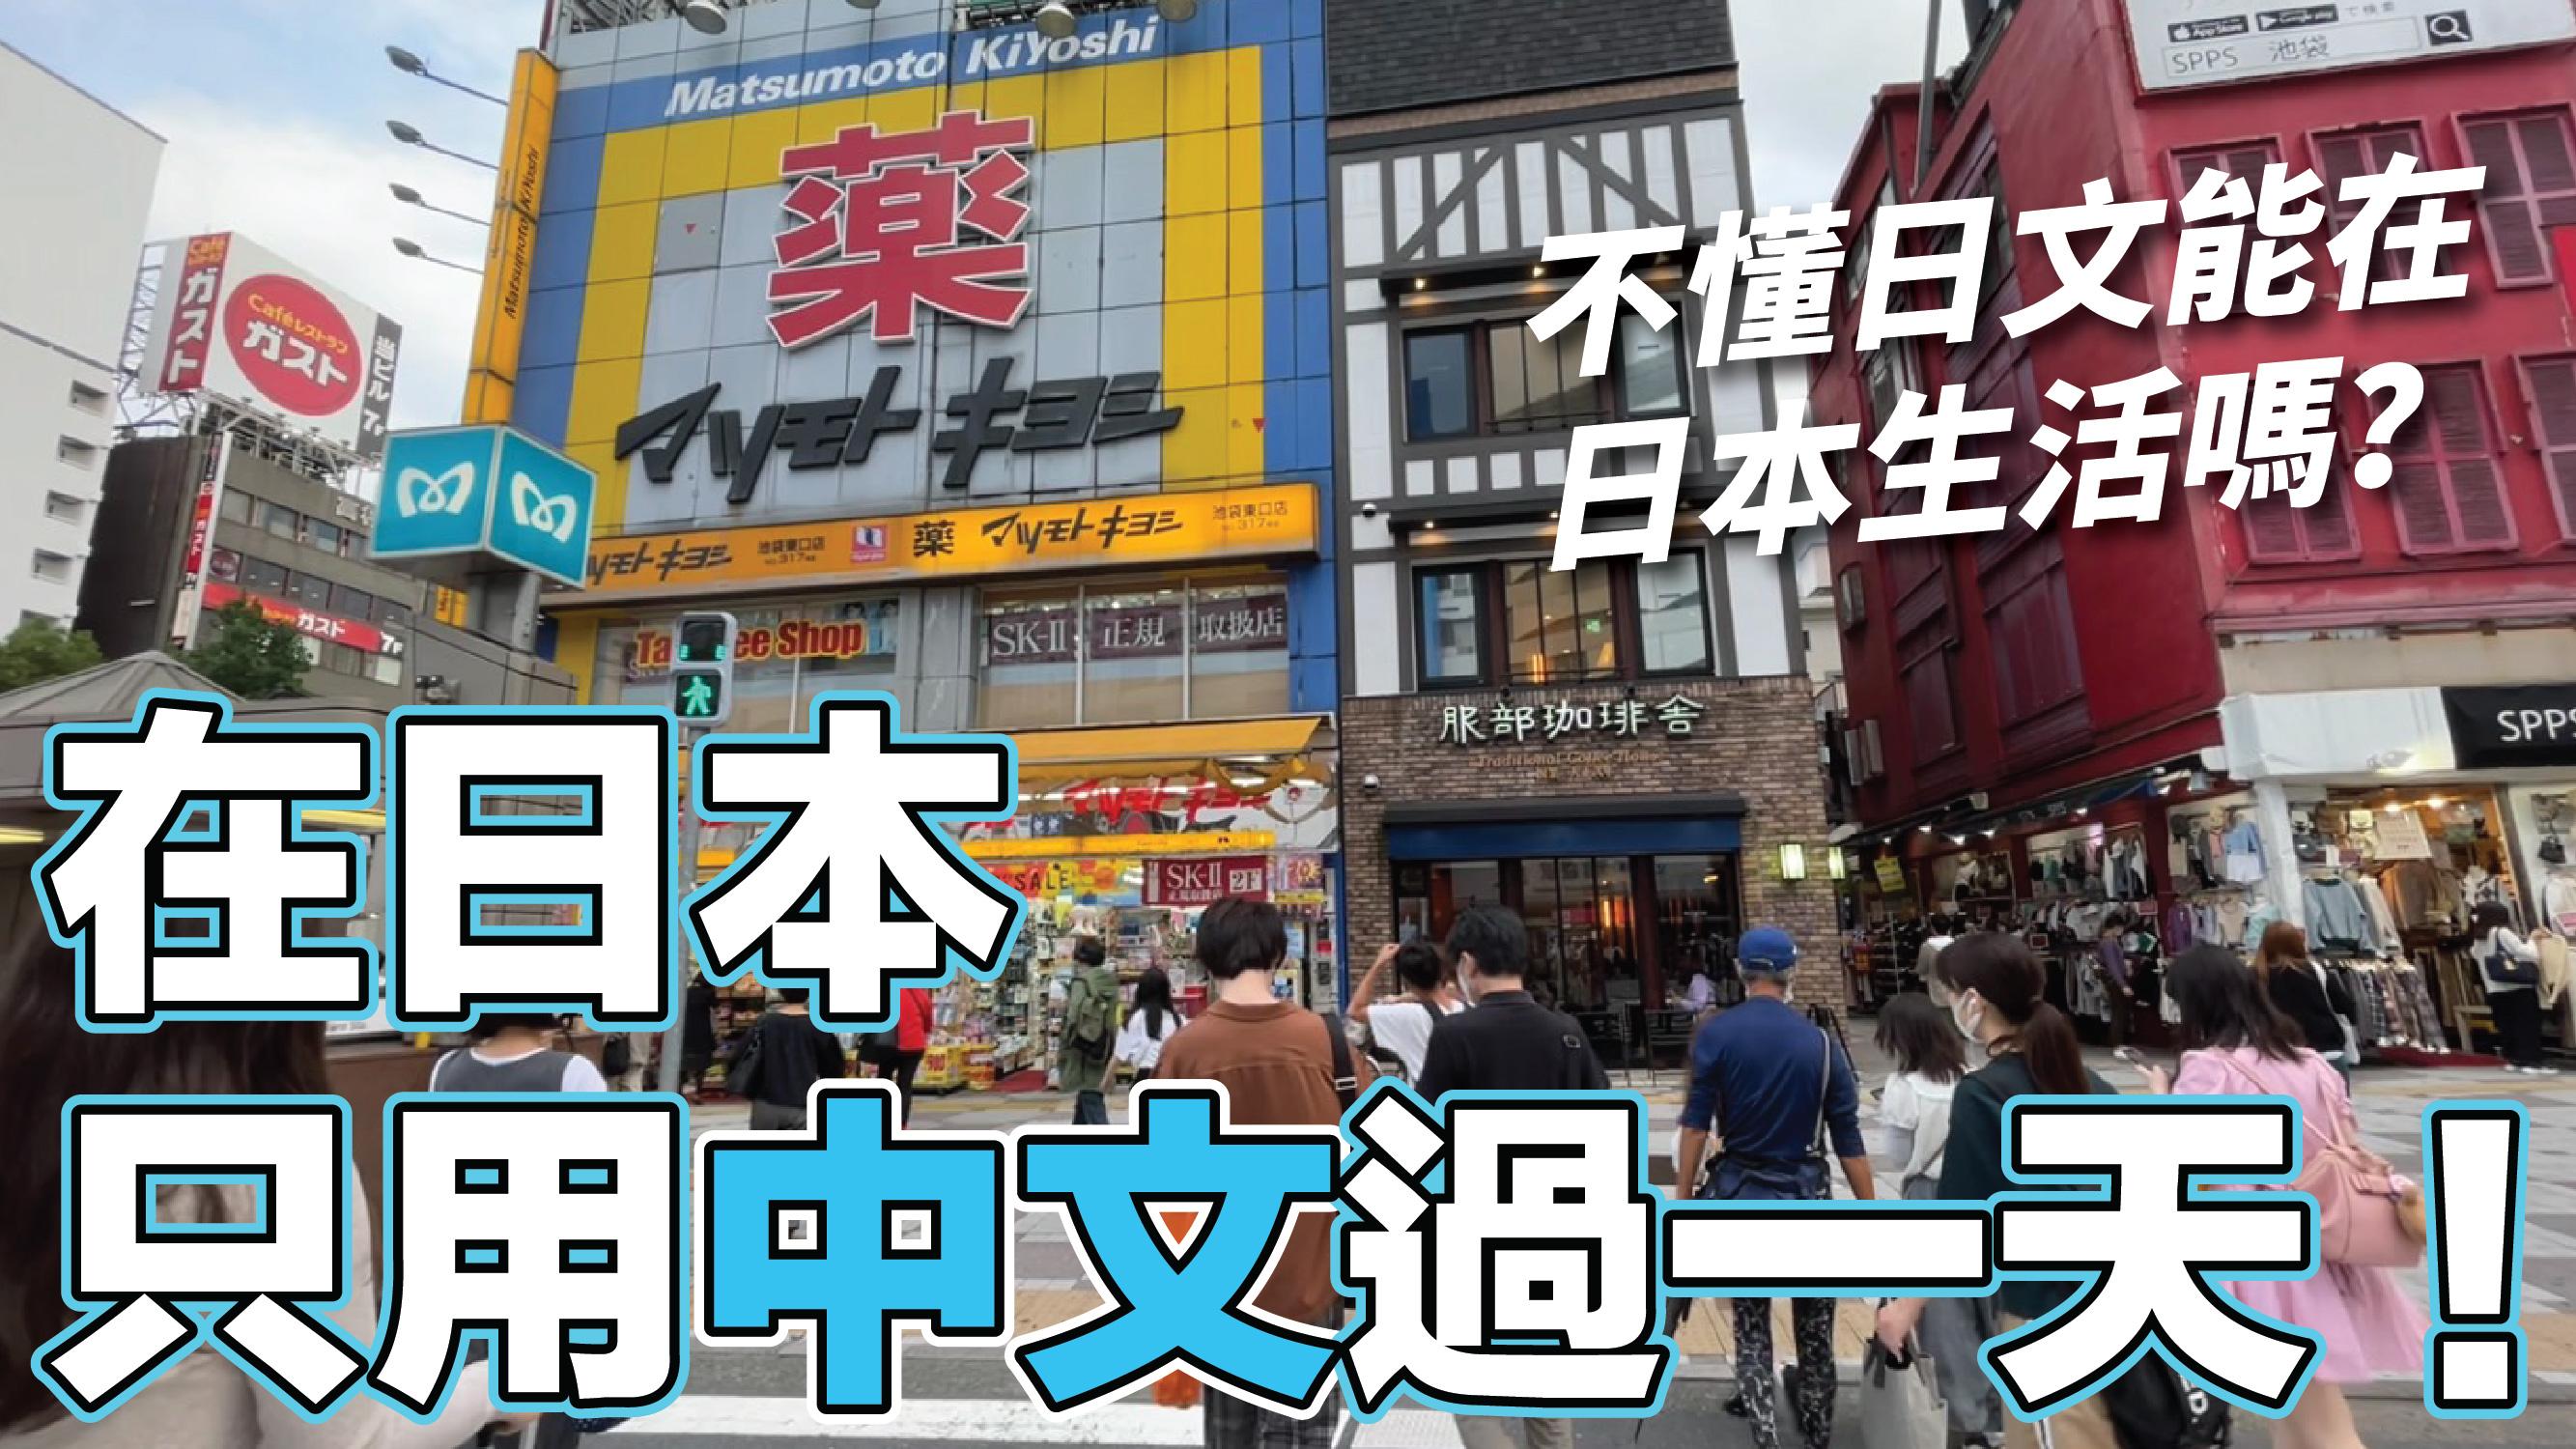 熱菇大挑戰!在日本只用中文過一天!不懂日文能在日本生活嗎?|熱菇日本|2021年10月拍攝